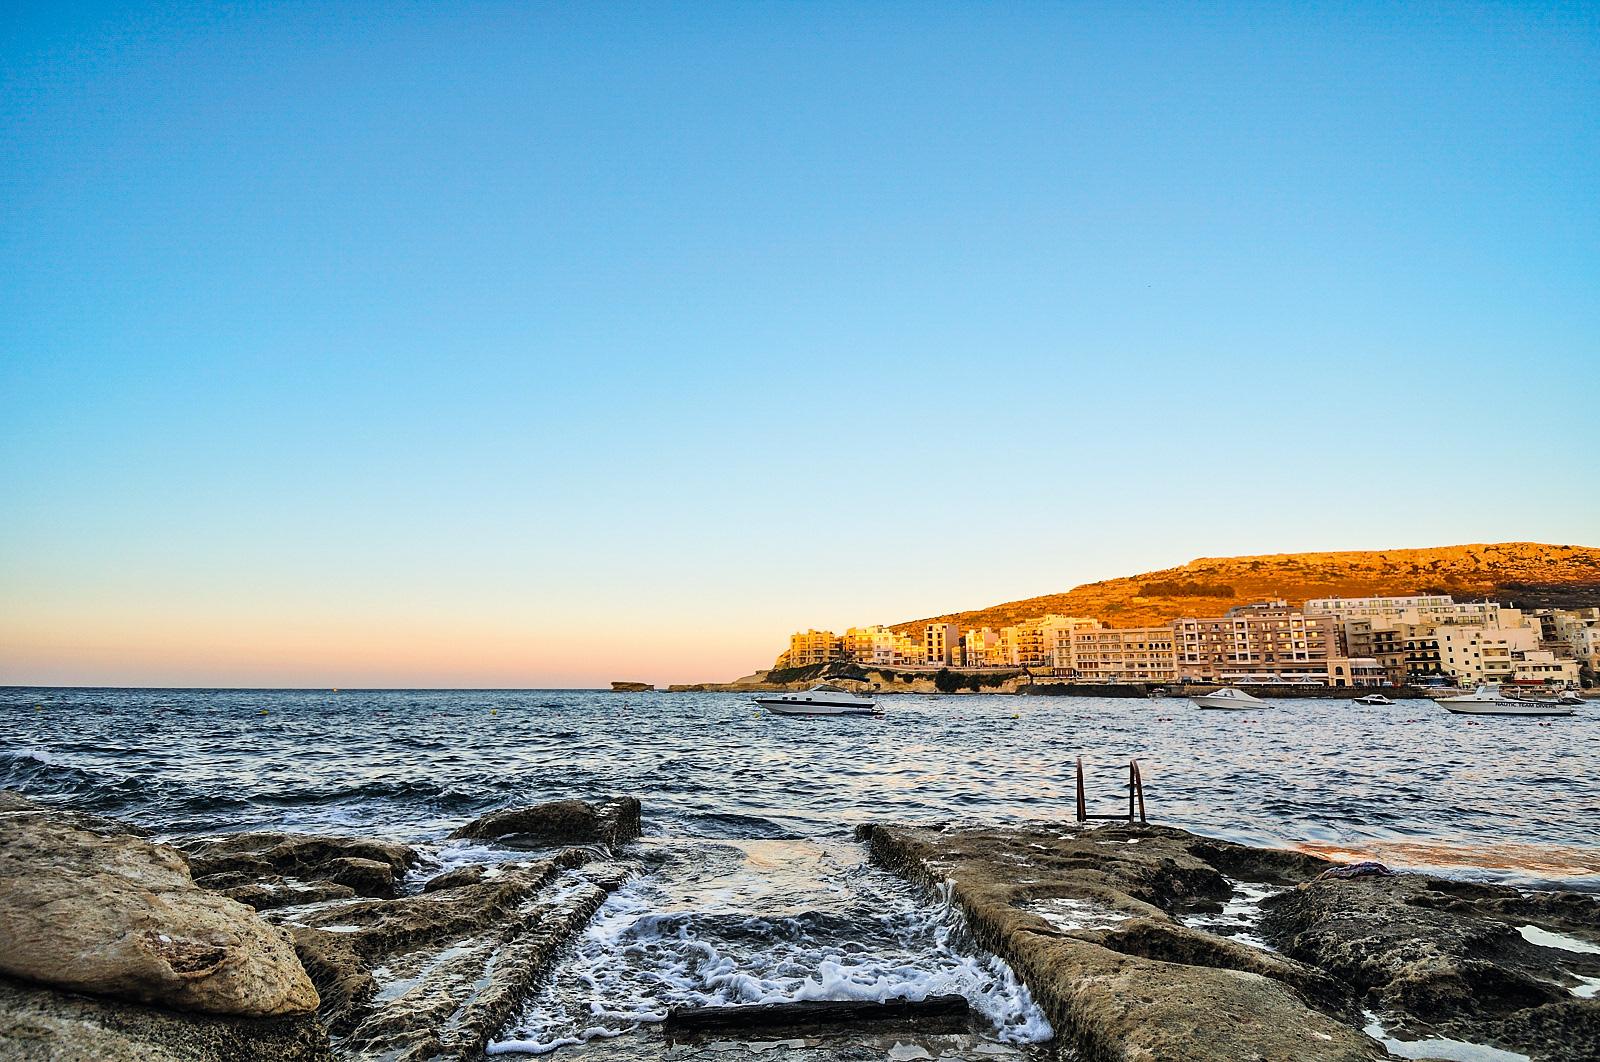 Vista para o mar sem praia, com uma cidade à distância